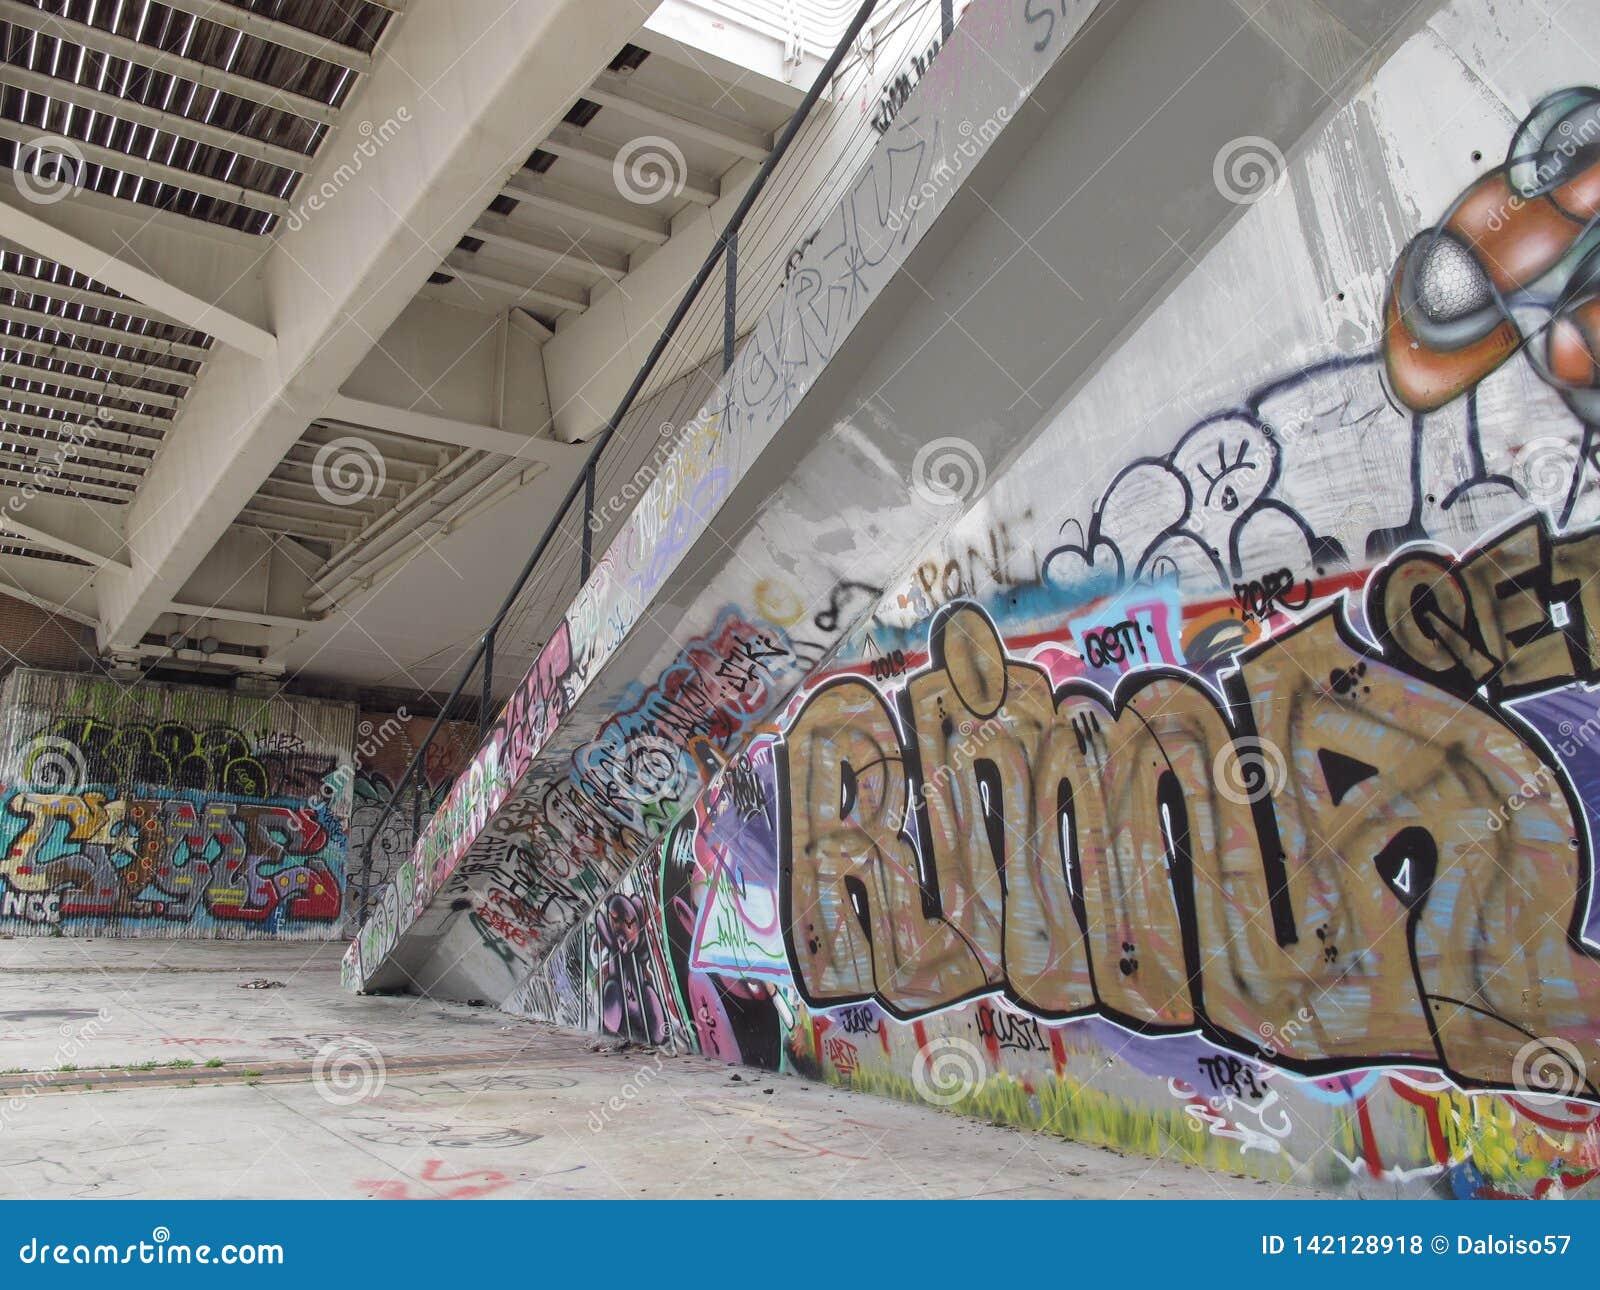 Dégradation urbaine des banlieues à Rome